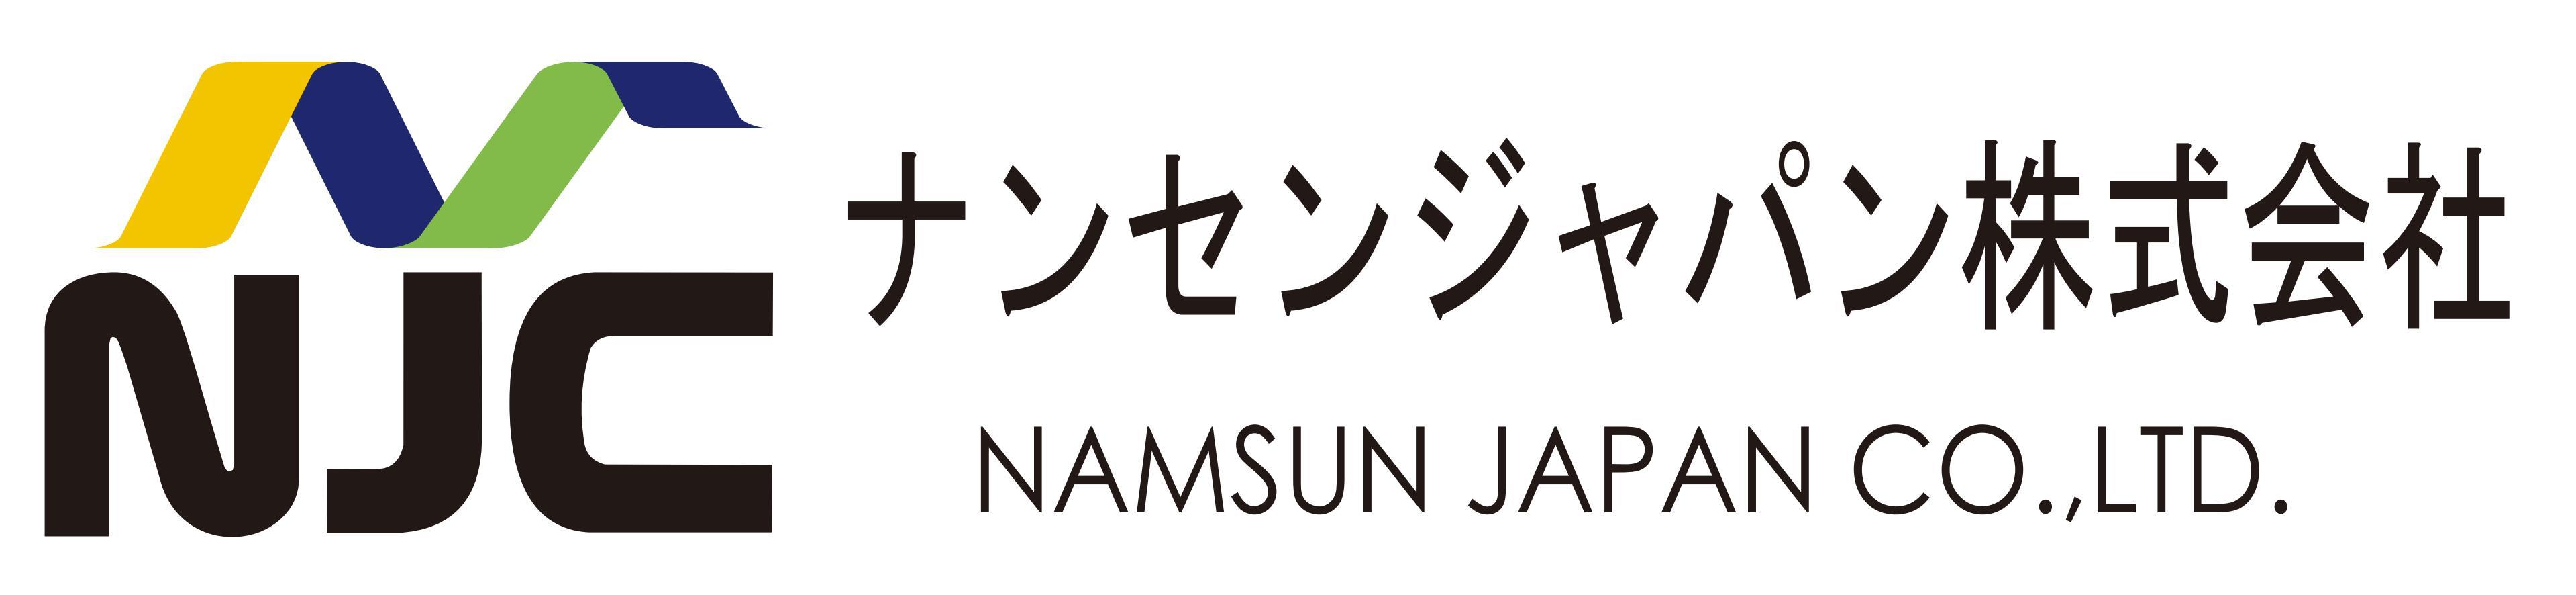 ナンセンジャパン株式会社